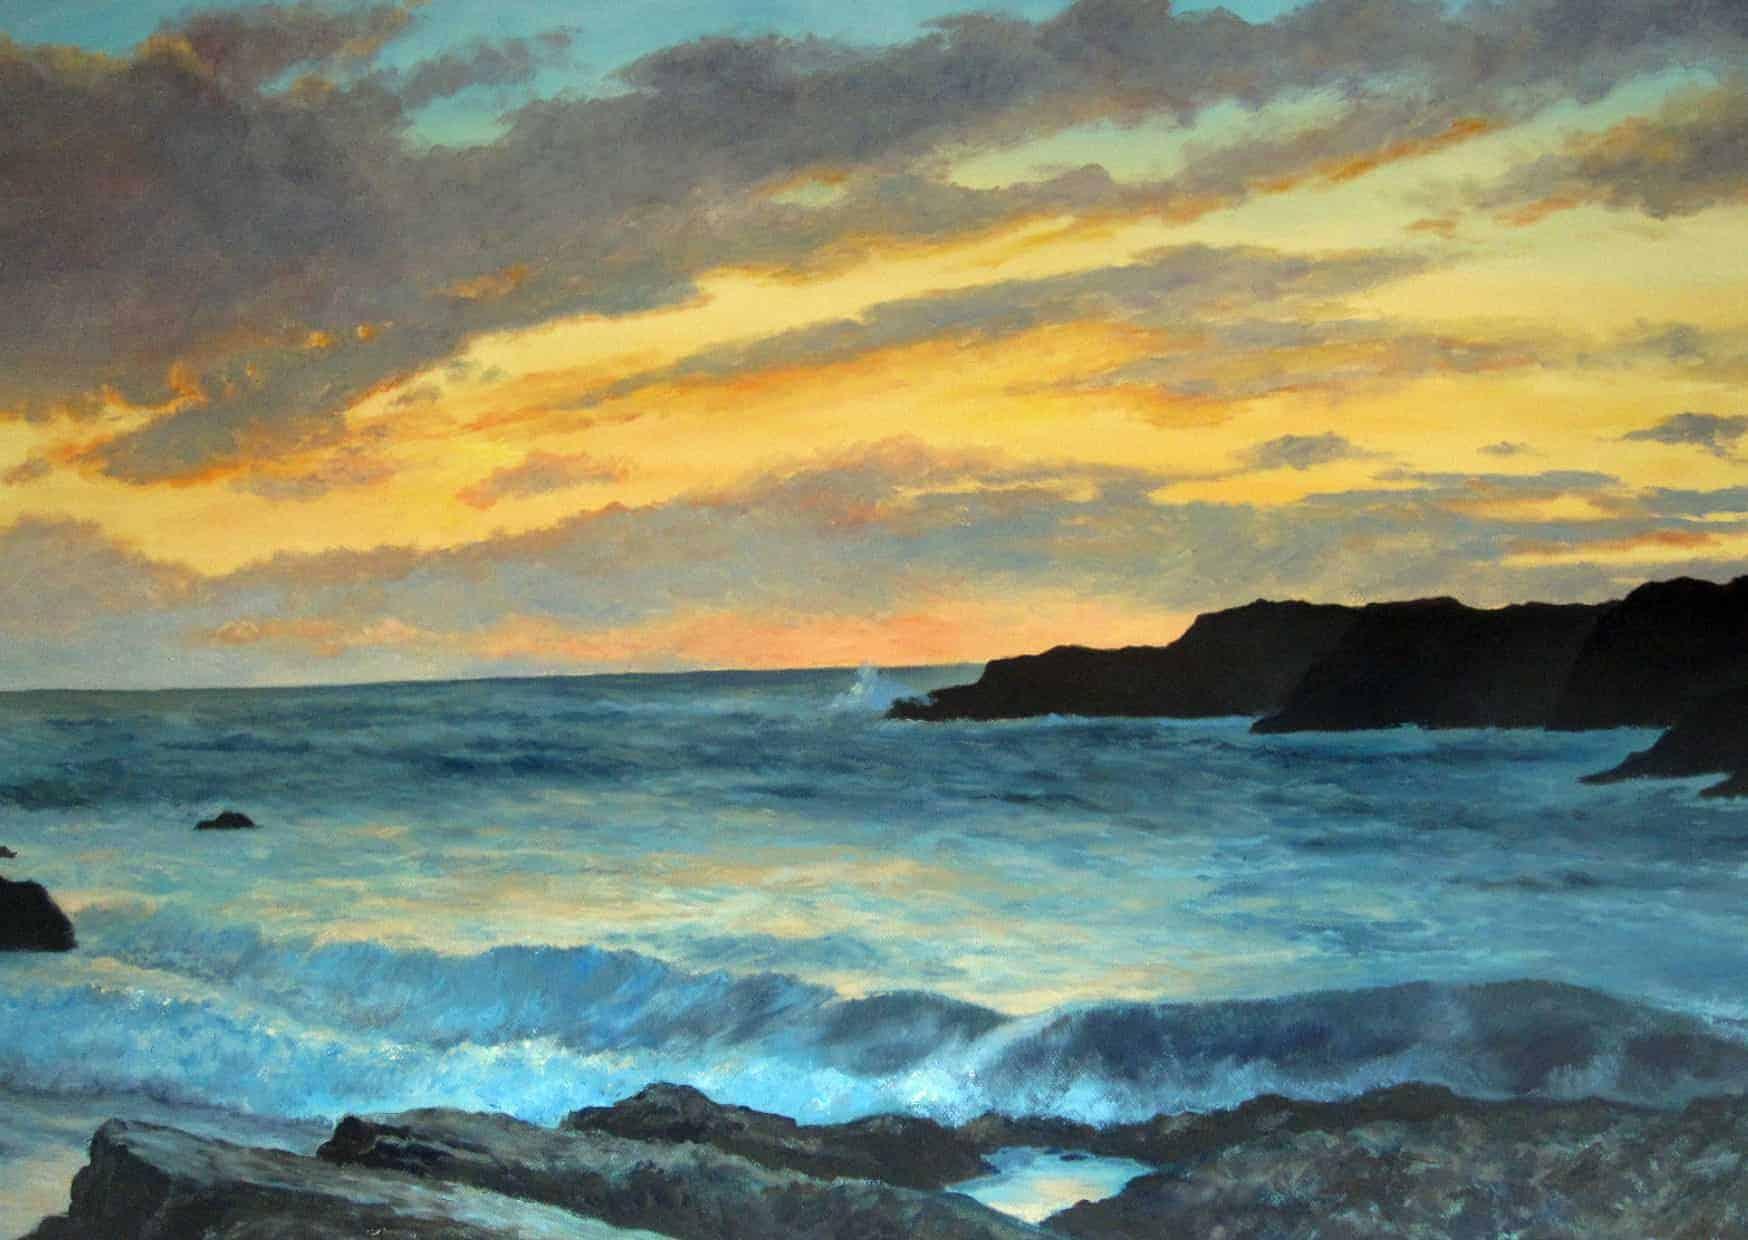 Rocky Coast, Sunset Image